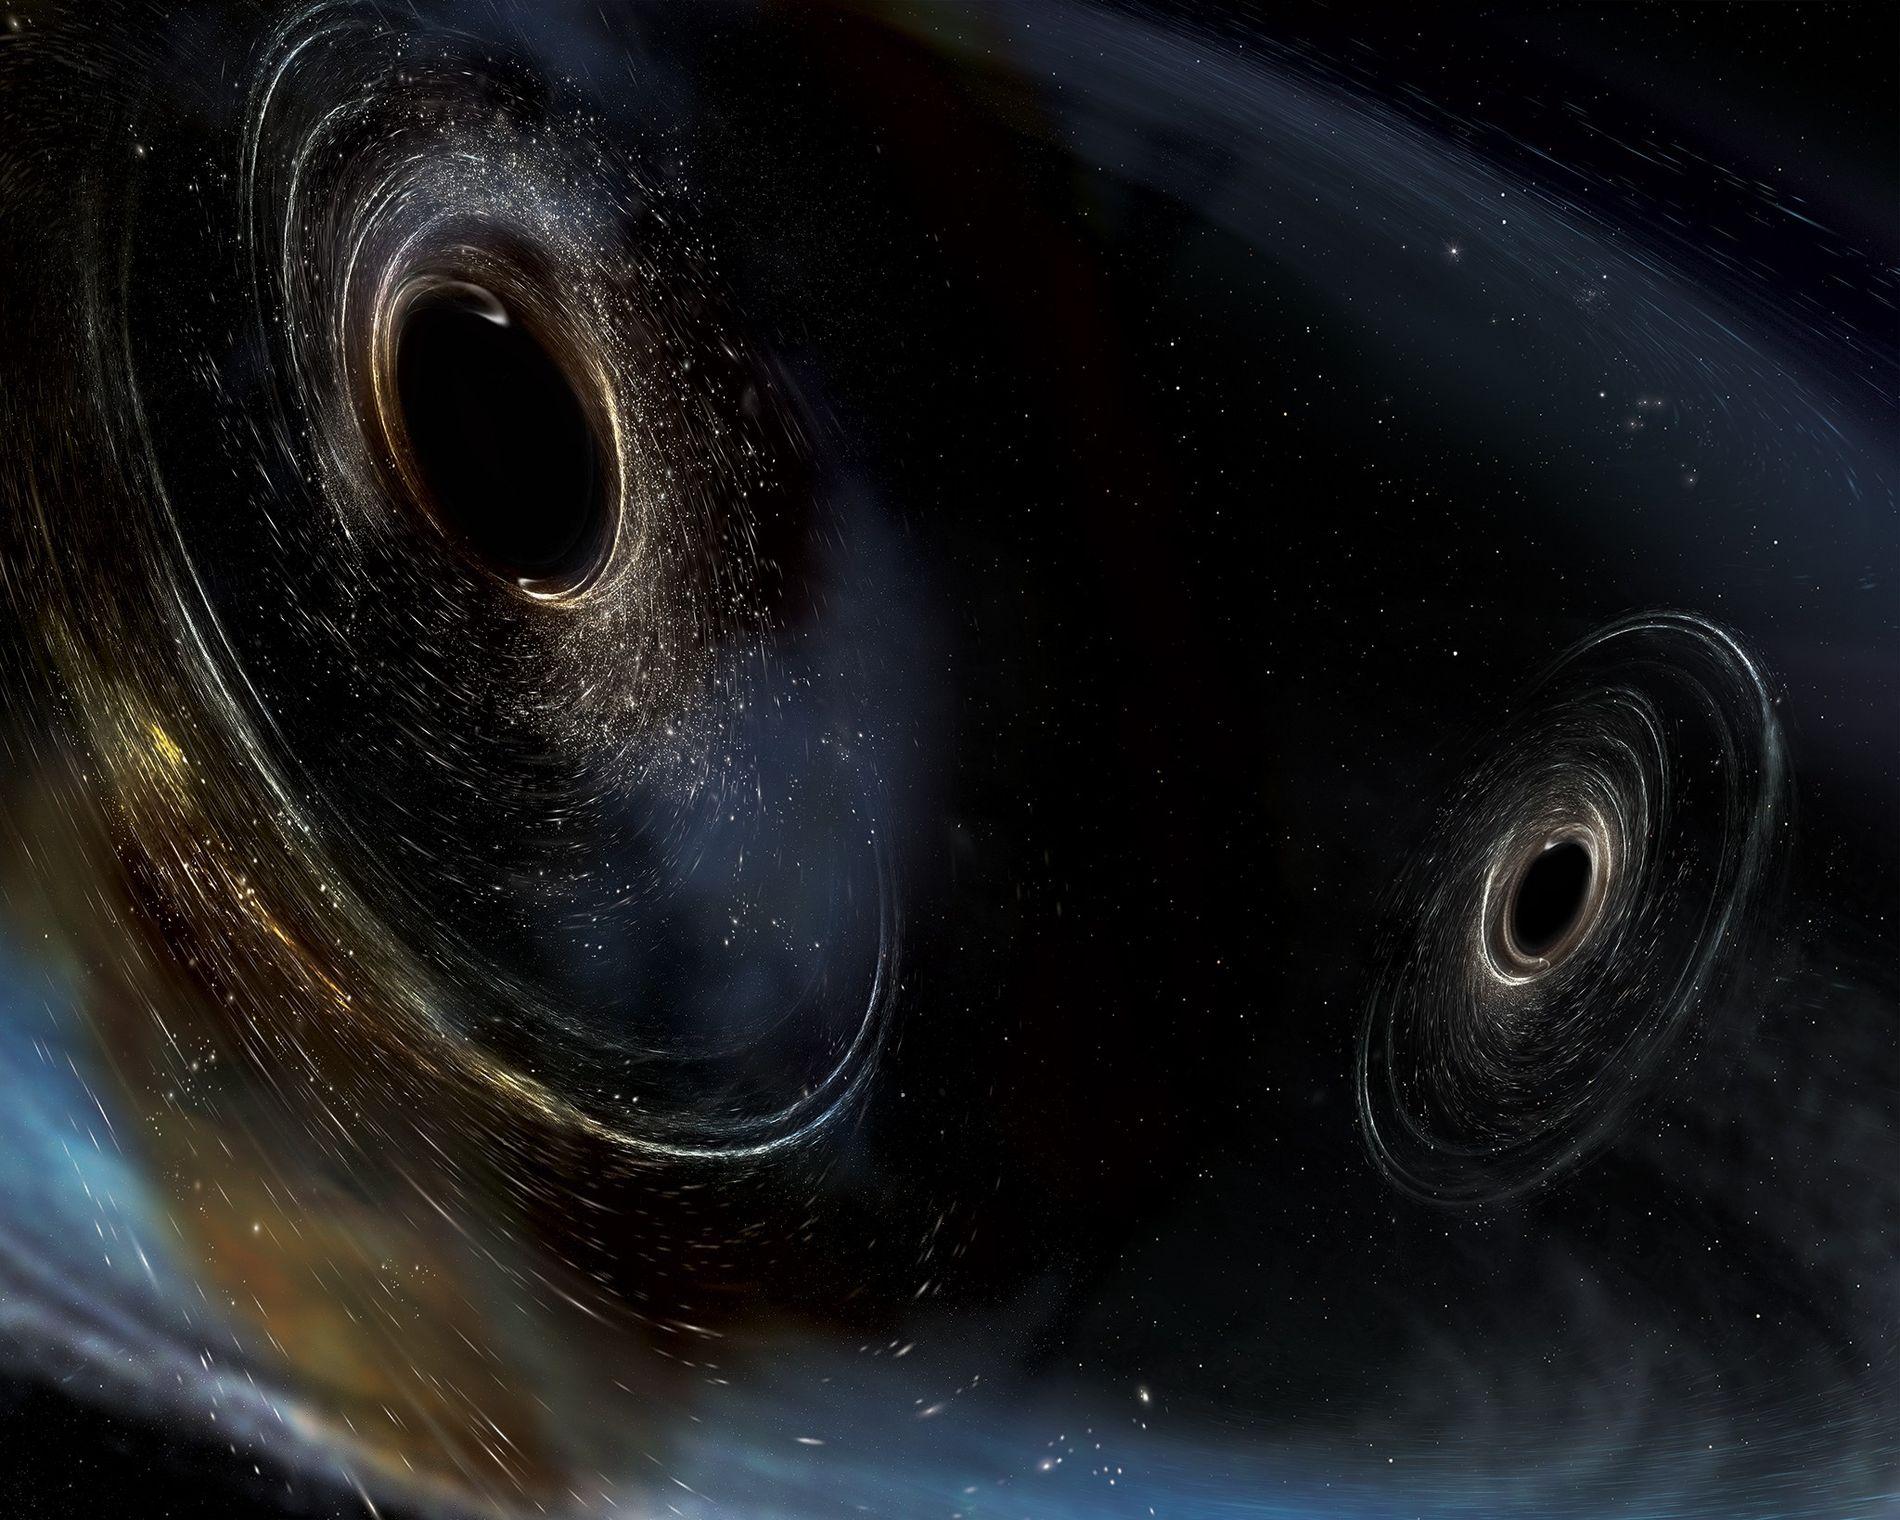 Resultado de imagen de Dos agujeros negros gigantes colisionan y forman ondas gravitacionales